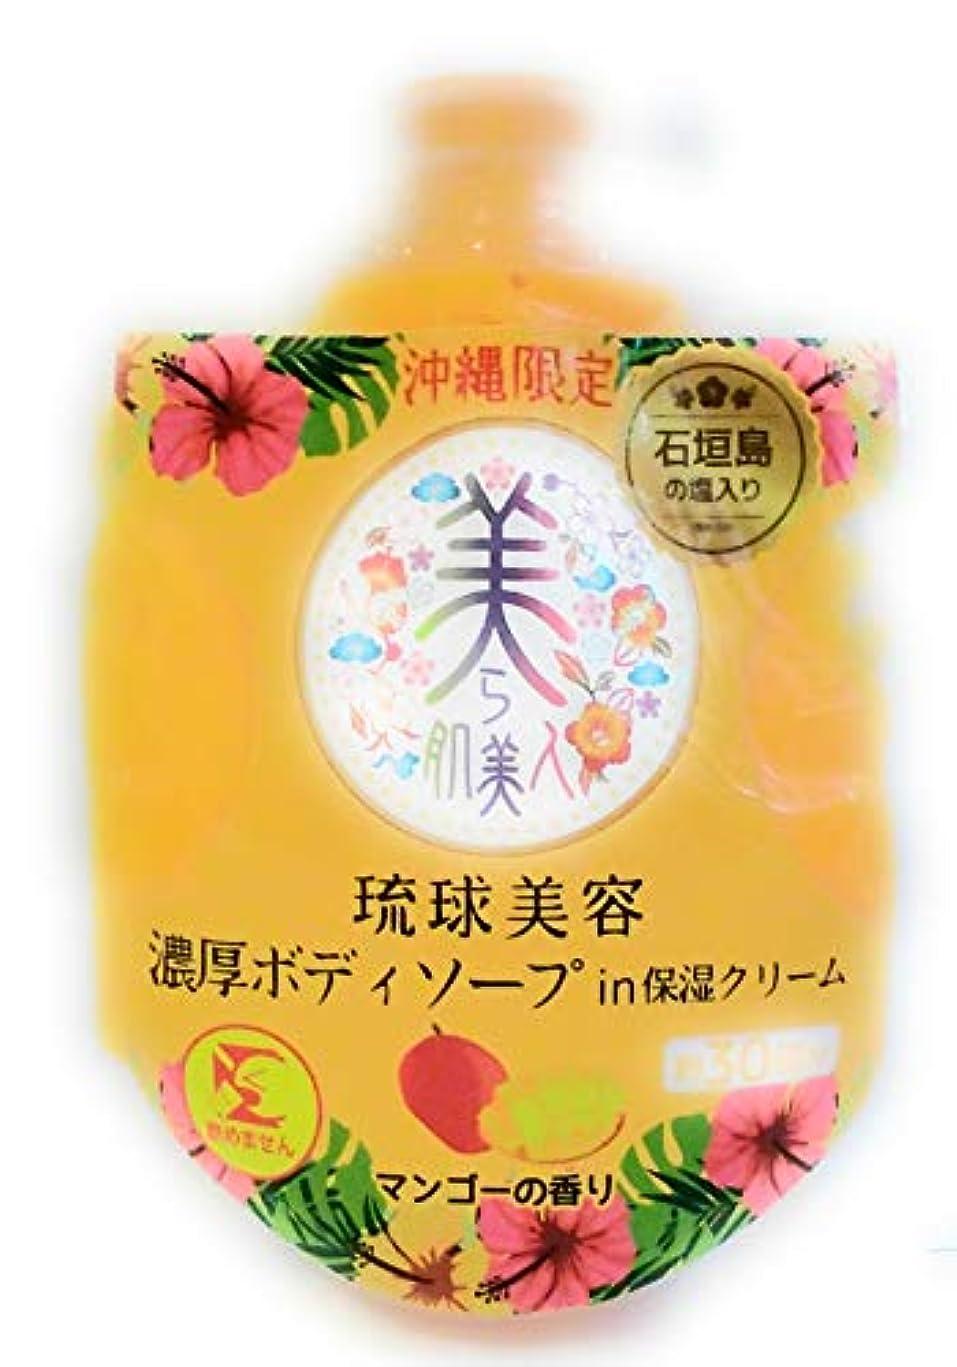 滞在後悔中断沖縄限定 美ら肌美人 琉球美容濃厚ボディソープin保湿クリーム マンゴーの香り